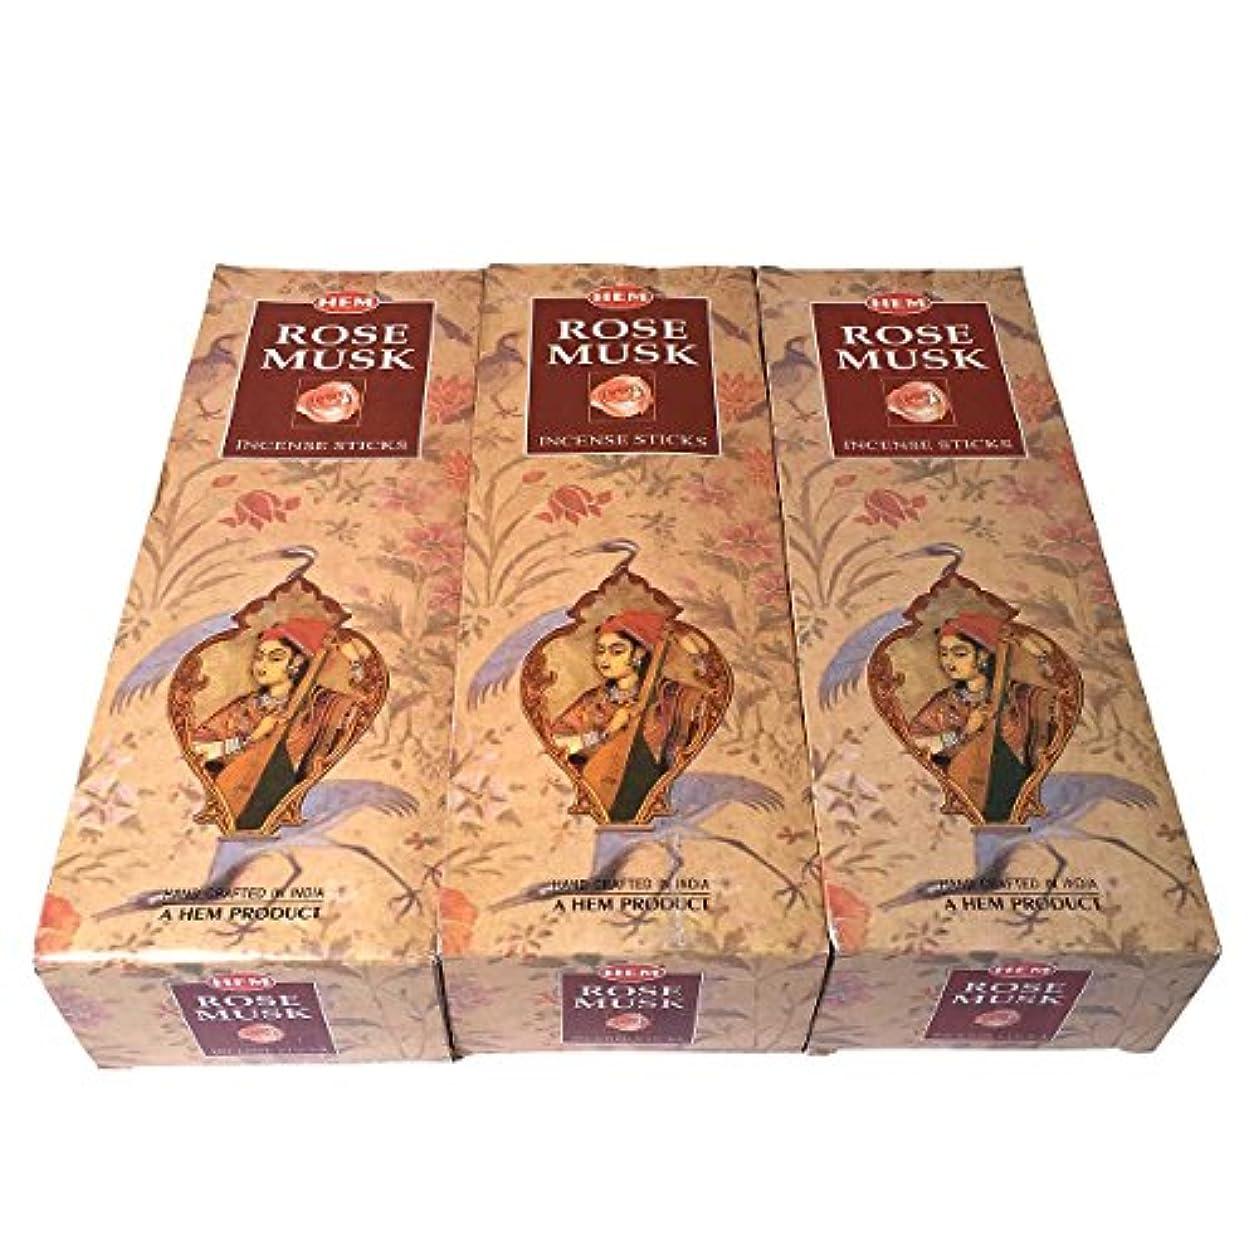 死傷者ポジション樹木ローズムスク香スティック 3BOX(18箱) /HEM ROSE MUSK/インセンス/インド香 お香 [並行輸入品]